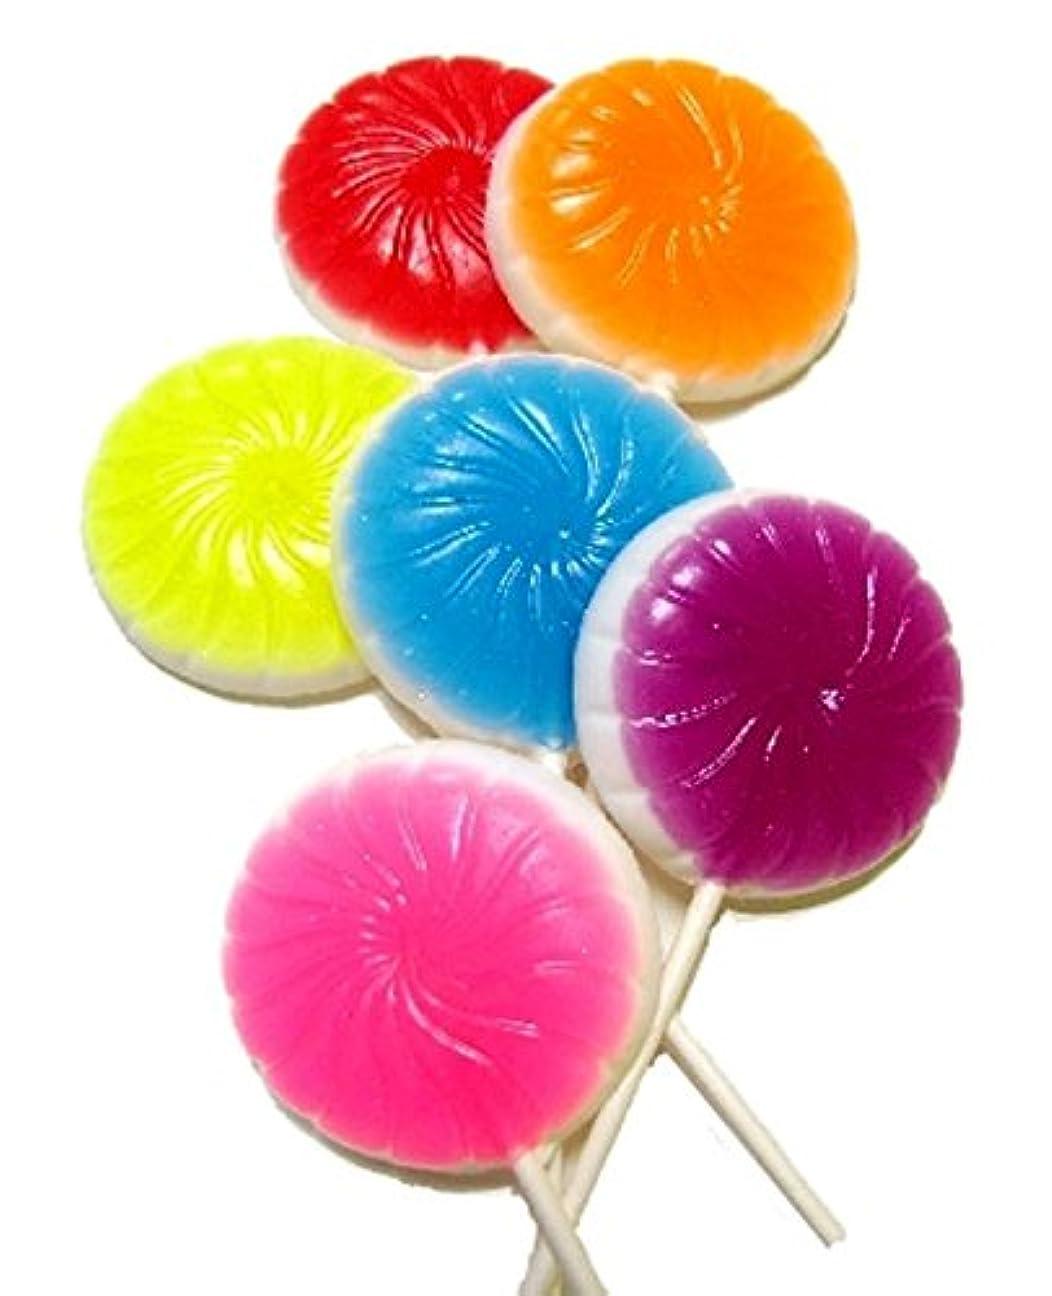 石鹸リクルート指令soapy love(ソーピーラブ) LOLLY SOAPS ローリーソープ セッケン ギフト プレゼント キャンディー型 石鹸(lollysoaps) BLUERASBERRY